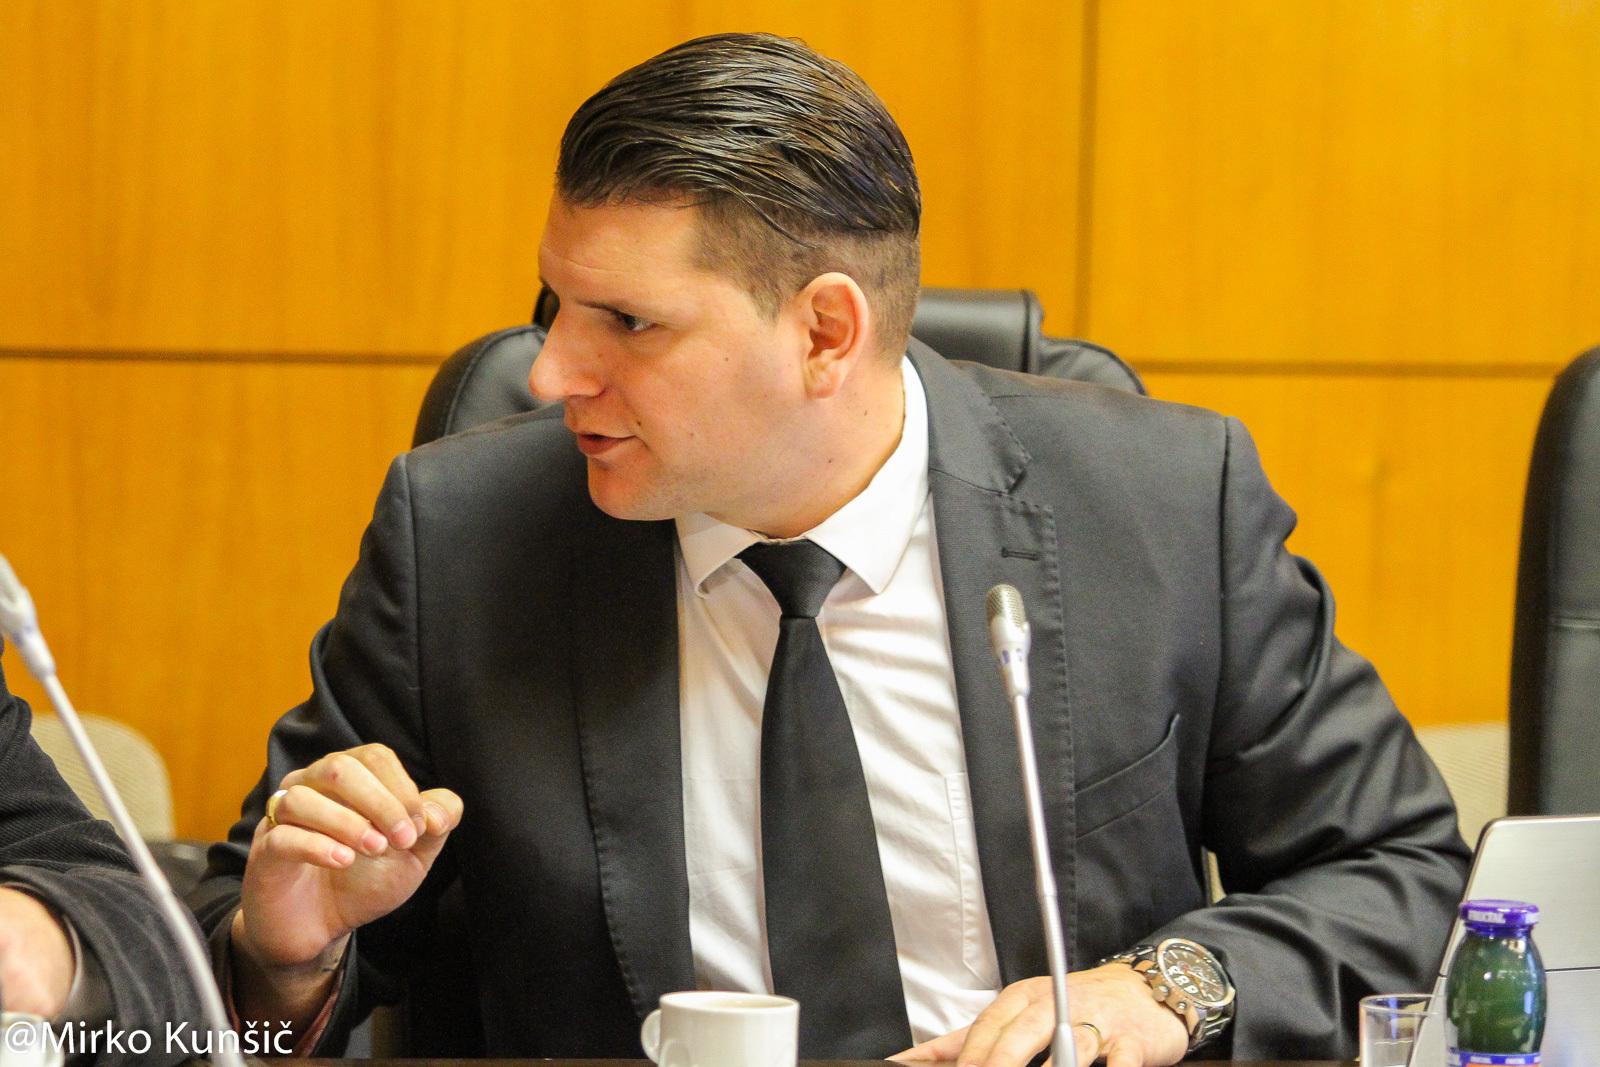 Omare, ki jih je naročil za svetniško skupino Zoran Stevanović, so občinska last? Ali MO Kranj sploh ve, kje so?